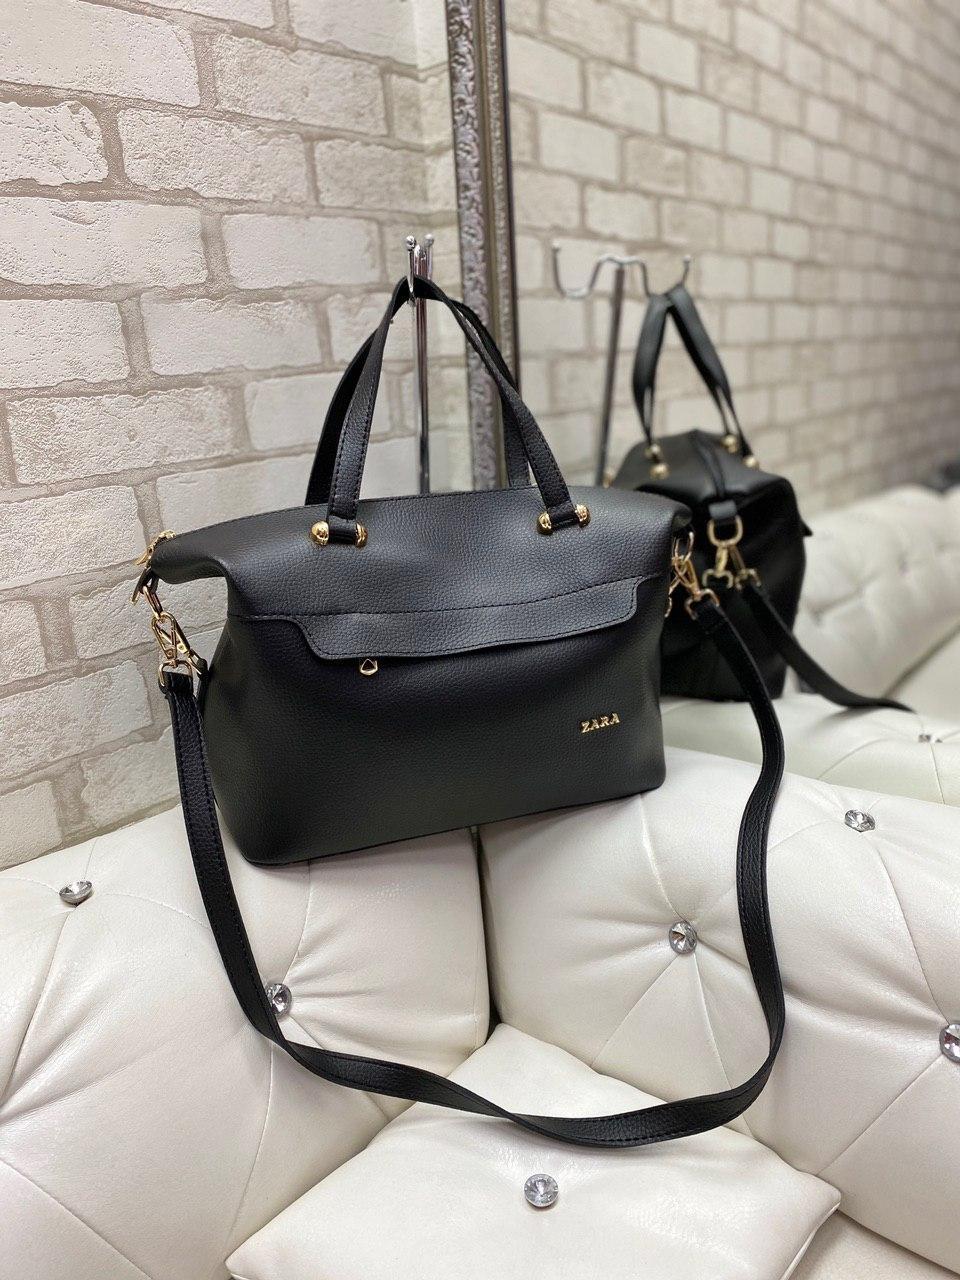 Большая женская черная сумка на плечо модная городская саквояж шоппер брендовая кожзам